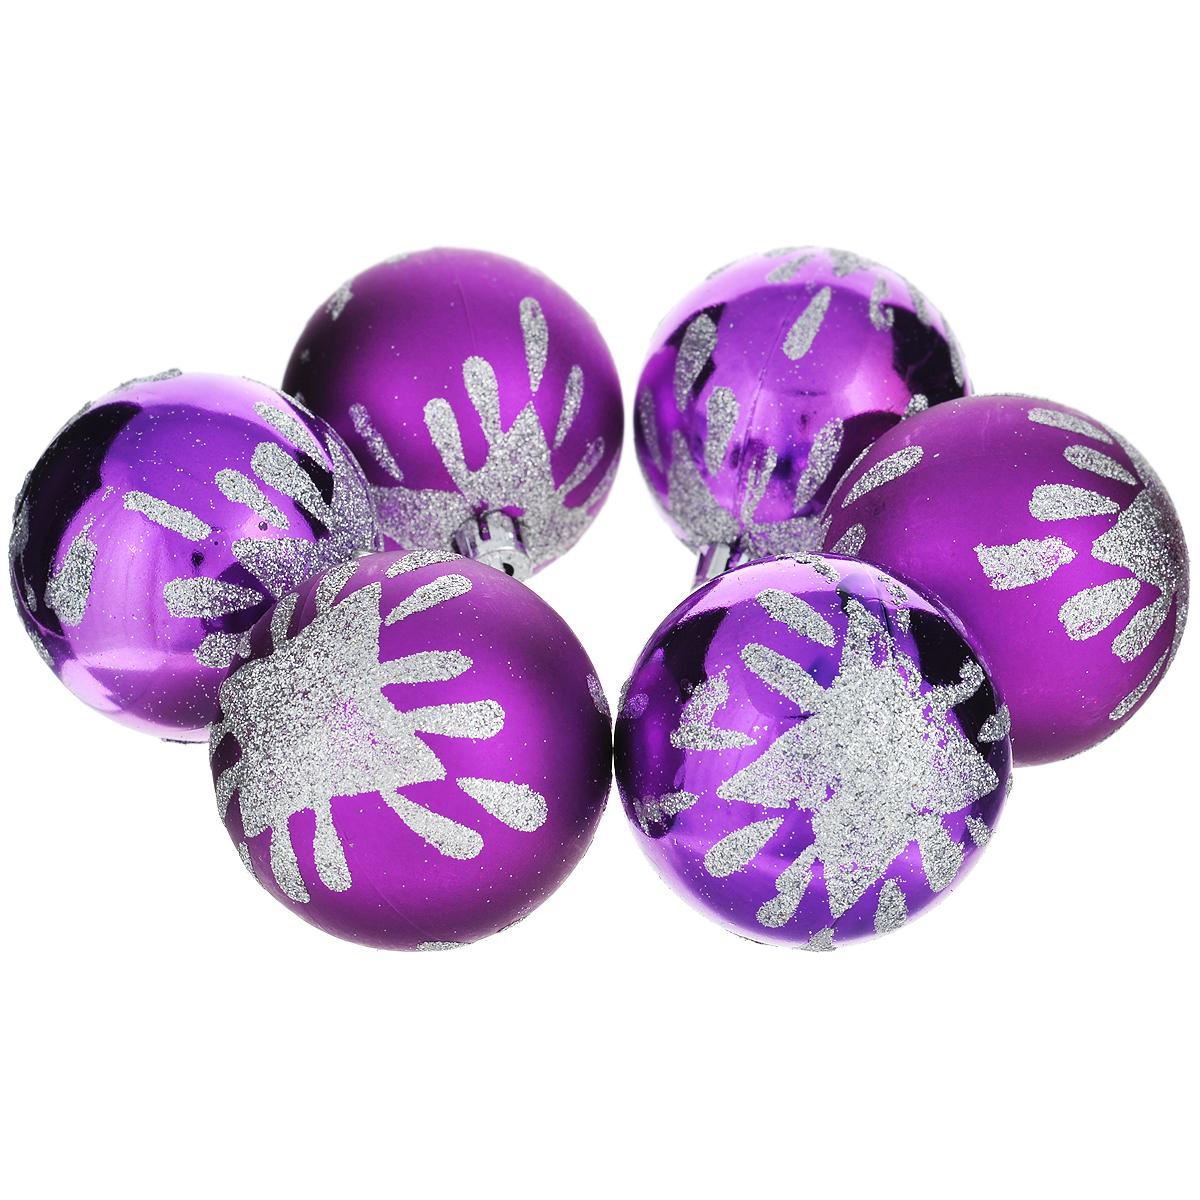 Набор новогодних подвесных украшений Шар, цвет: фиолетовый, диаметр 6 см, 6 шт. 3552435524Набор новогодних подвесных украшений Шар прекрасно подойдет для праздничного декора новогодней ели. Состоит из шести пластиковых шаров.Елочная игрушка - символ Нового года. Она несет в себе волшебство и красоту праздника. Создайте в своем доме атмосферу веселья и радости, украшая новогоднюю елку нарядными игрушками, которые будут из года в год накапливать теплоту воспоминаний. Коллекция декоративных украшений принесет в ваш дом ни с чем несравнимое ощущение волшебства! Откройте для себя удивительный мир сказок и грез. Почувствуйте волшебные минуты ожидания праздника, создайте новогоднее настроение вашим дорогим и близким.